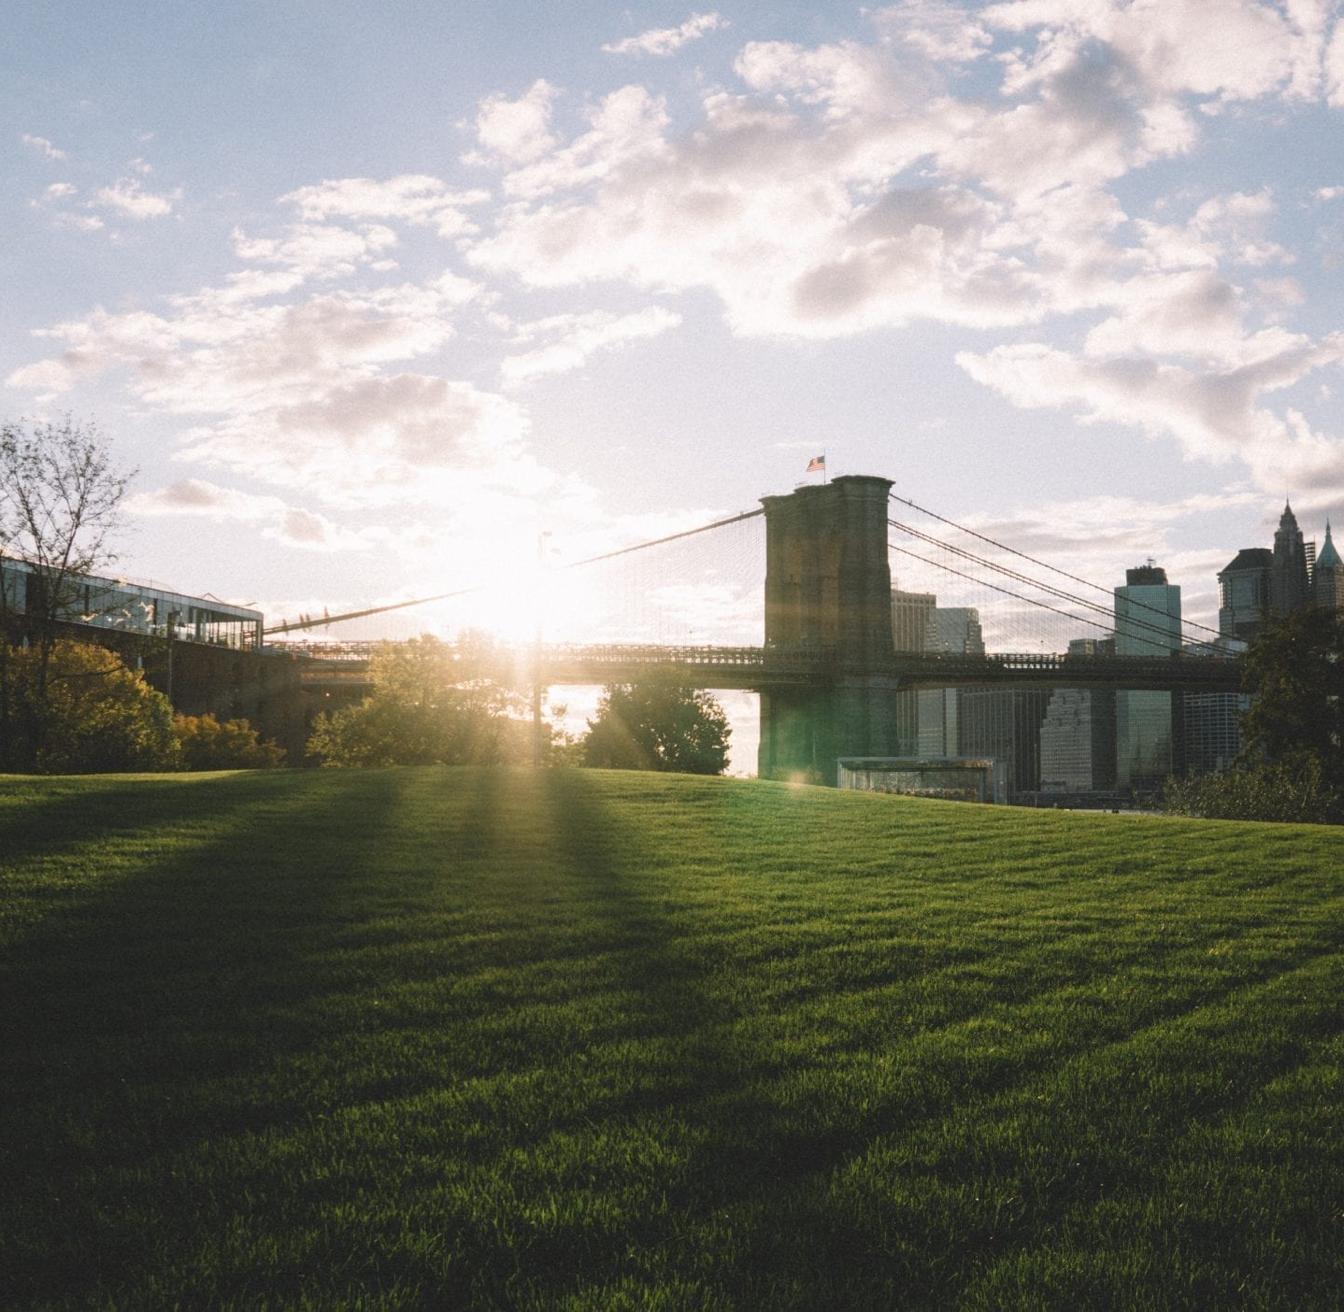 Image of a bridge taken from a green field